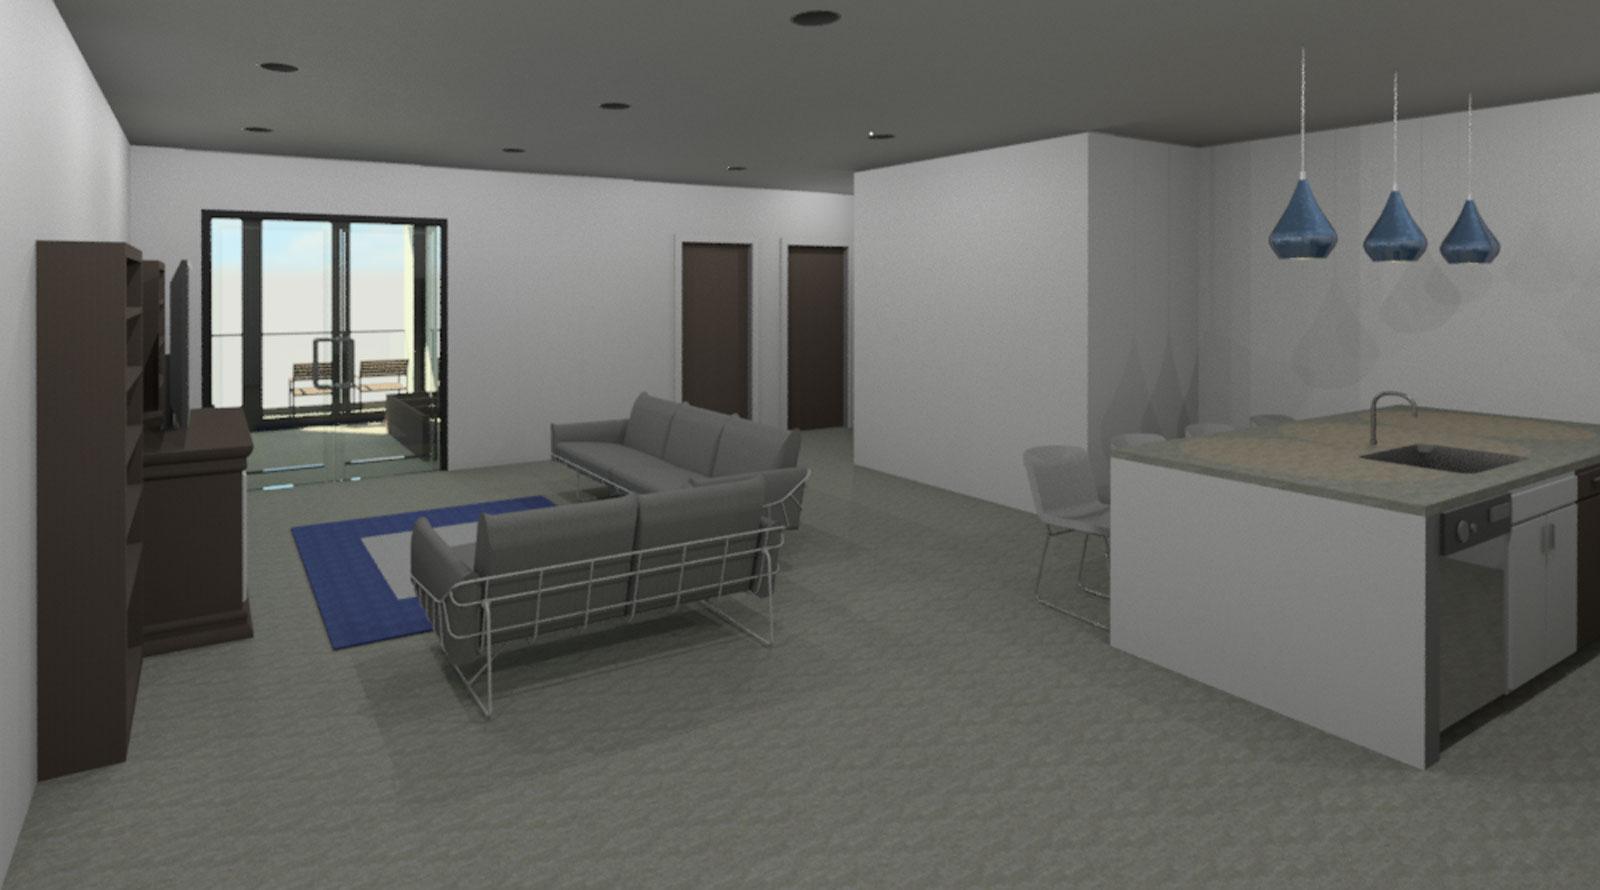 2 Bedroom Interior Draft 01